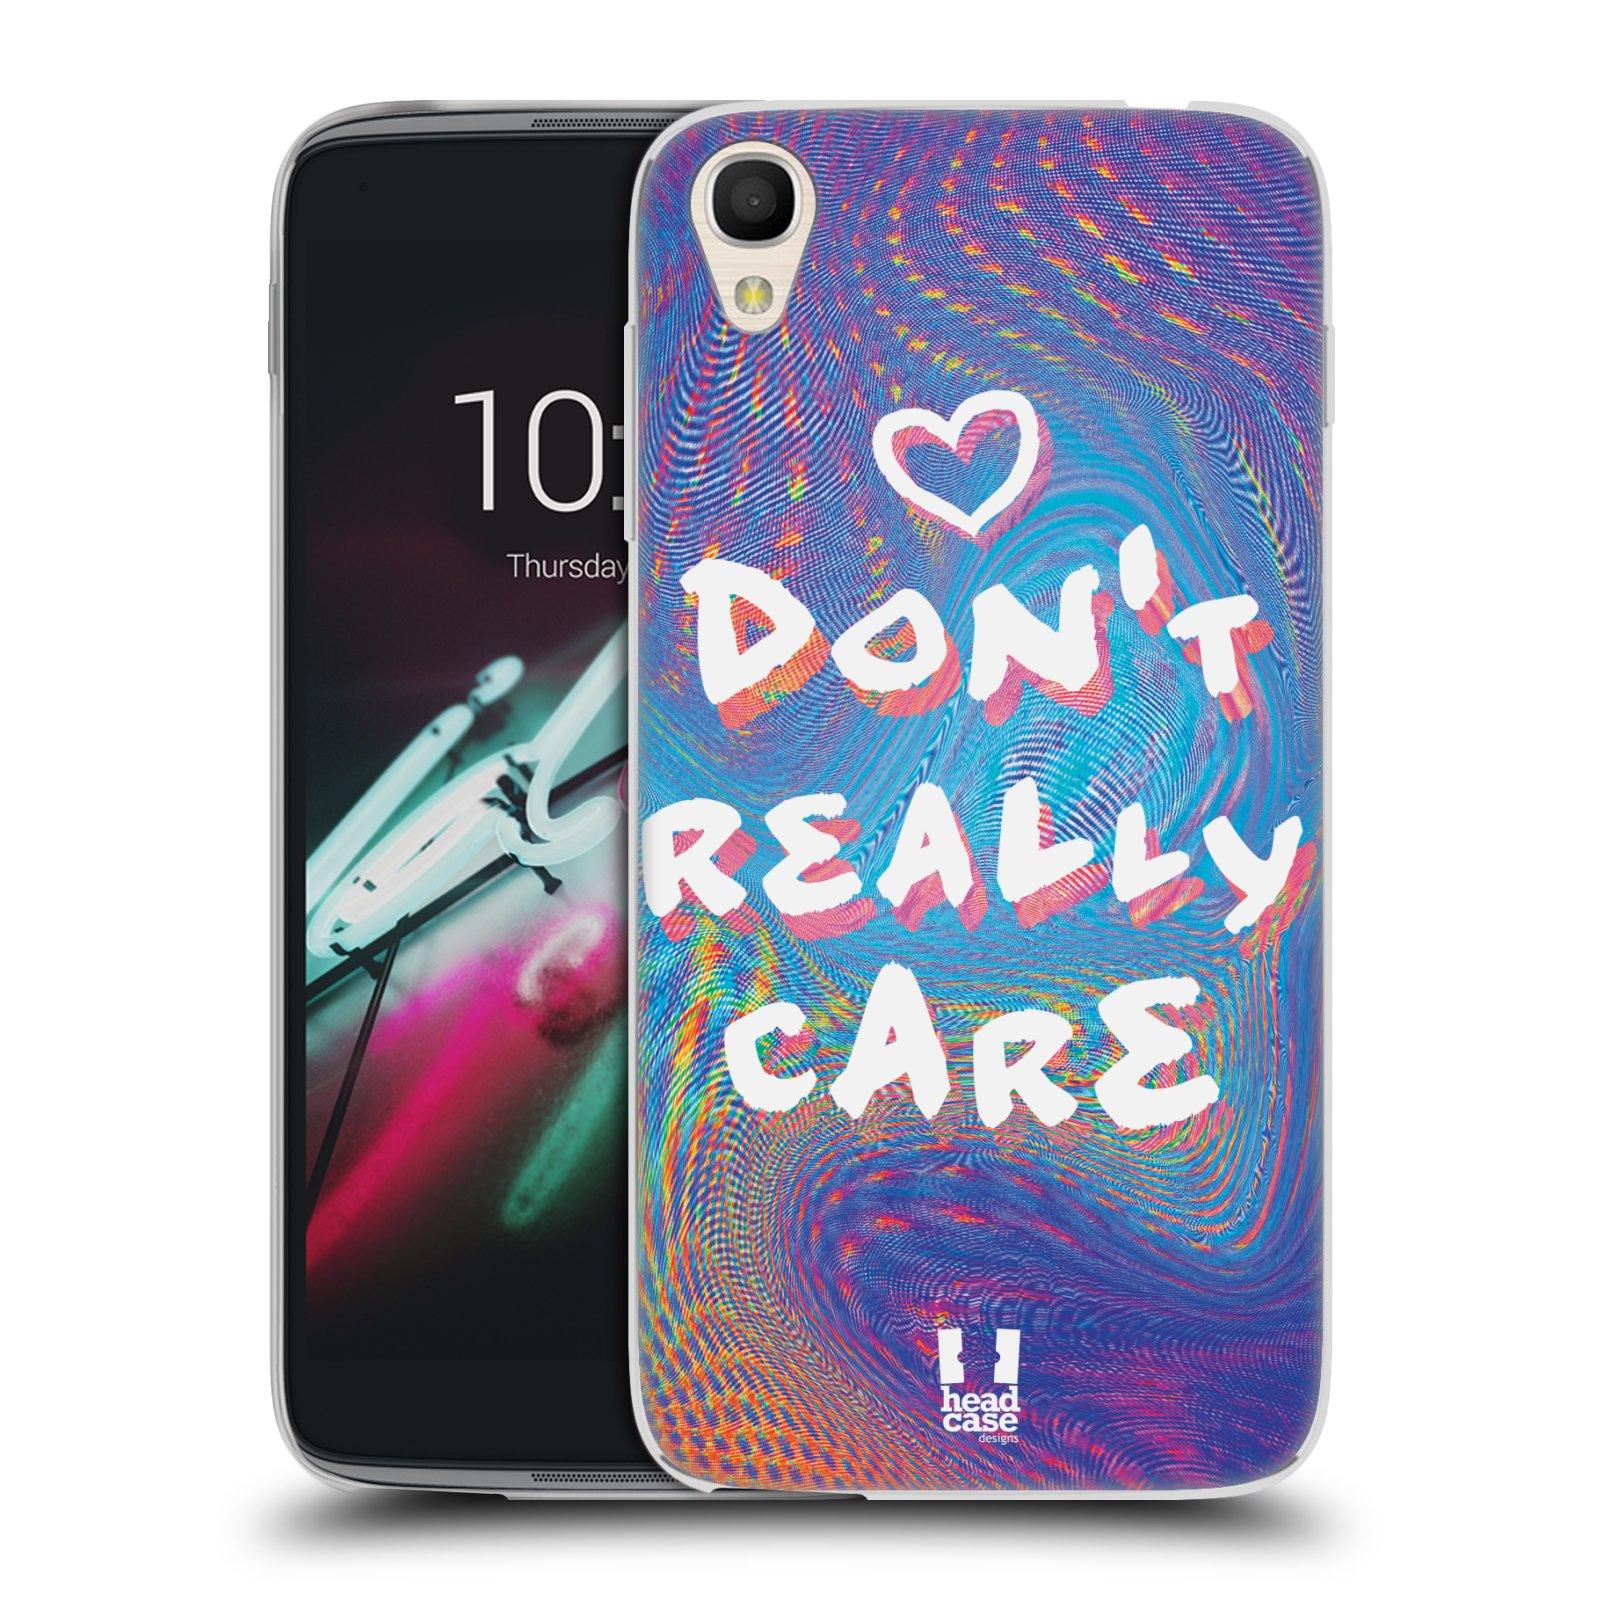 """Silikonové pouzdro na mobil Alcatel One Touch 6039Y Idol 3 HEAD CASE HOLOGRAF DON'T CARE (Silikonový kryt či obal na mobilní telefon Alcatel One Touch Idol 3 OT-6039Y s 4,7"""" displejem)"""